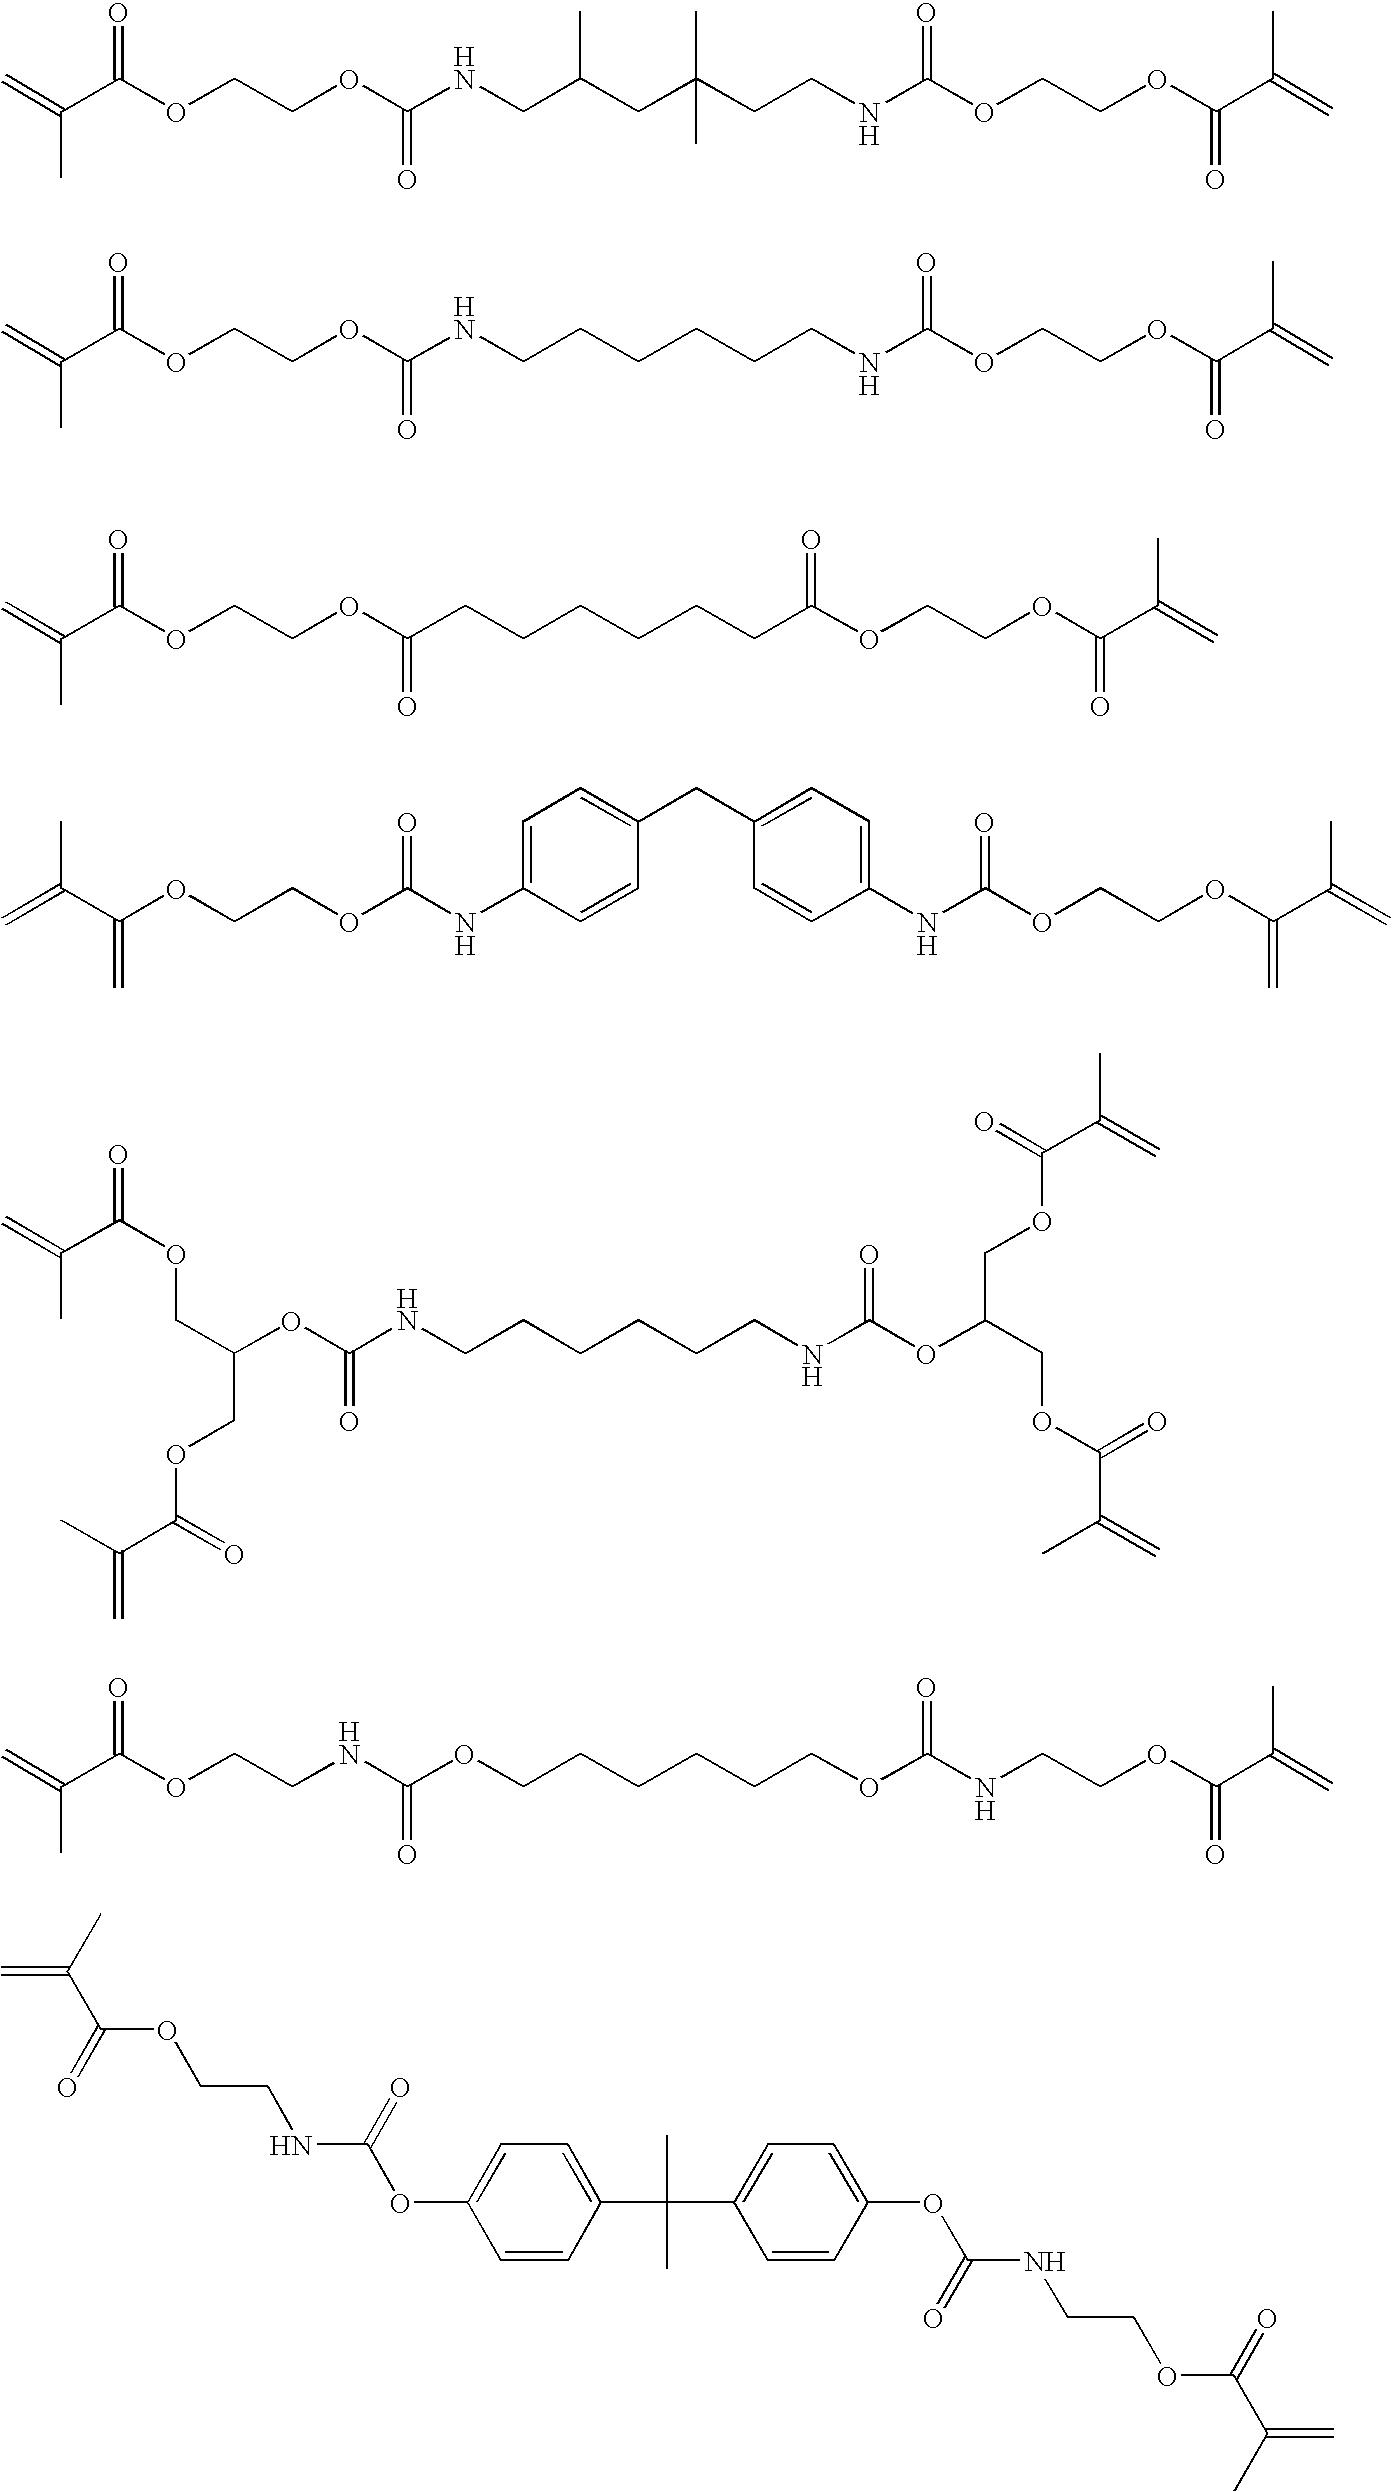 Figure US20090246653A1-20091001-C00155